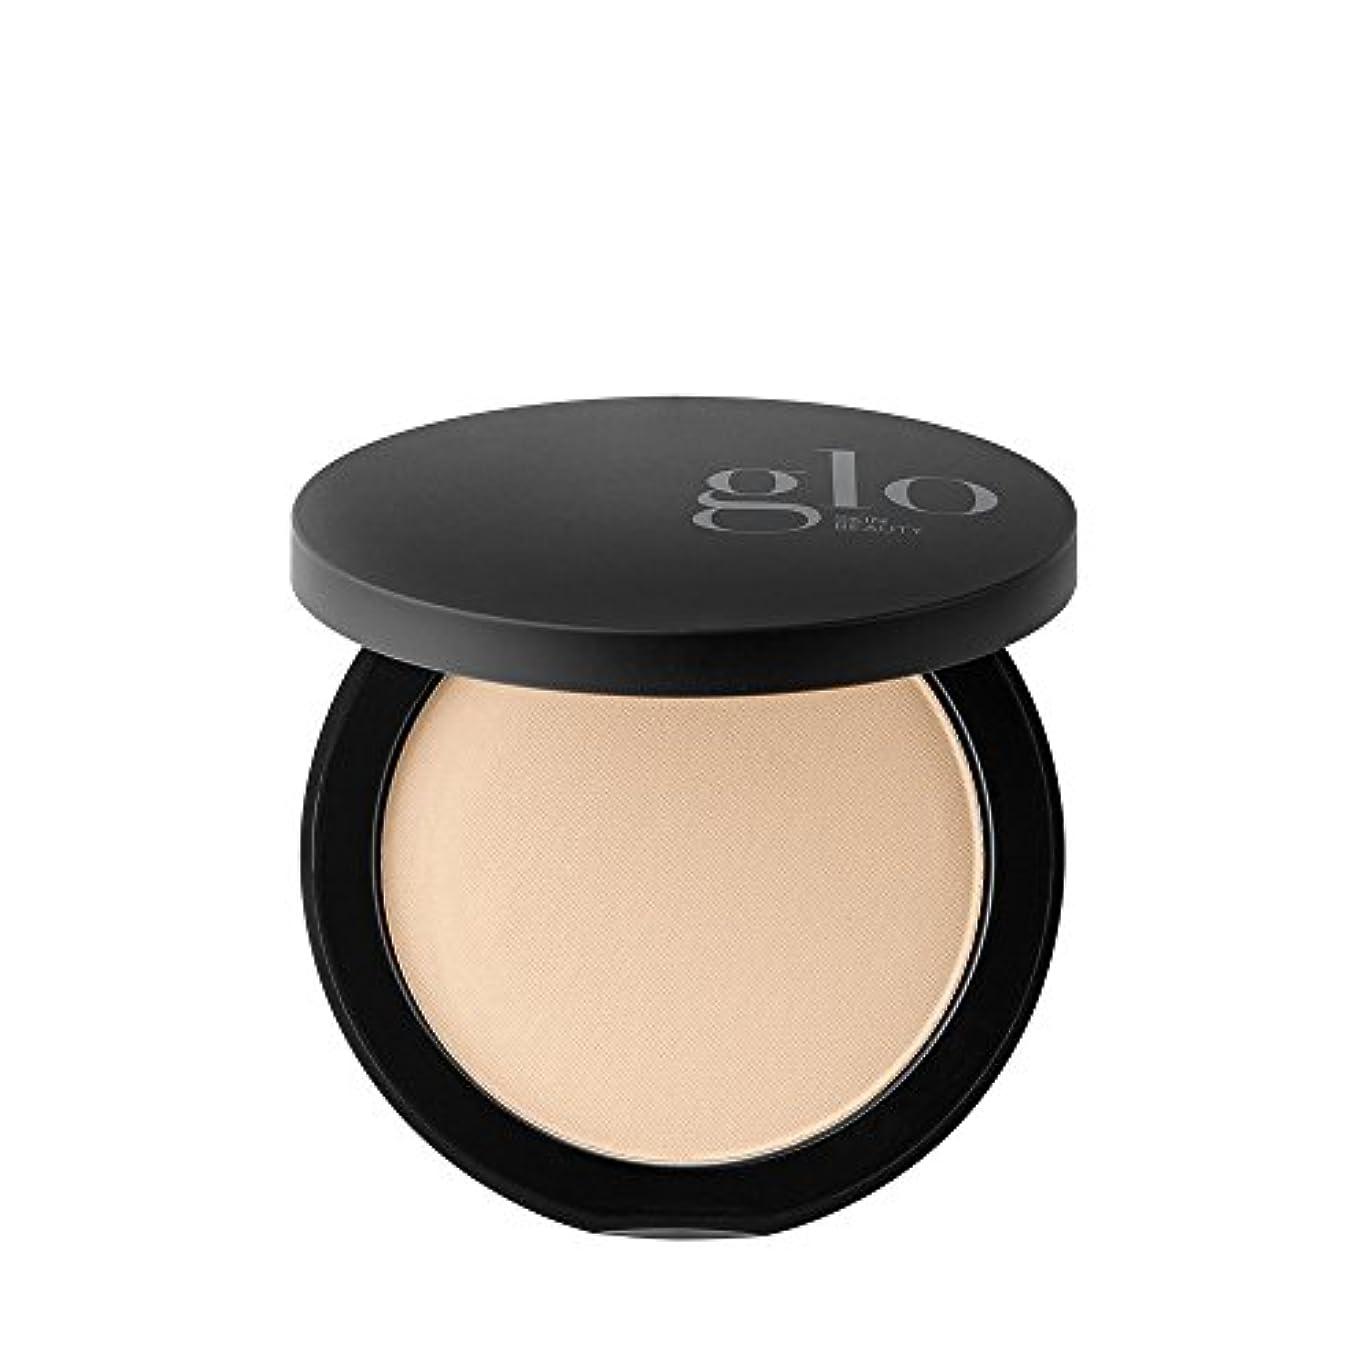 十無礼にラックGlo Skin Beauty Pressed Base - # Natural Fair 9g/0.31oz並行輸入品